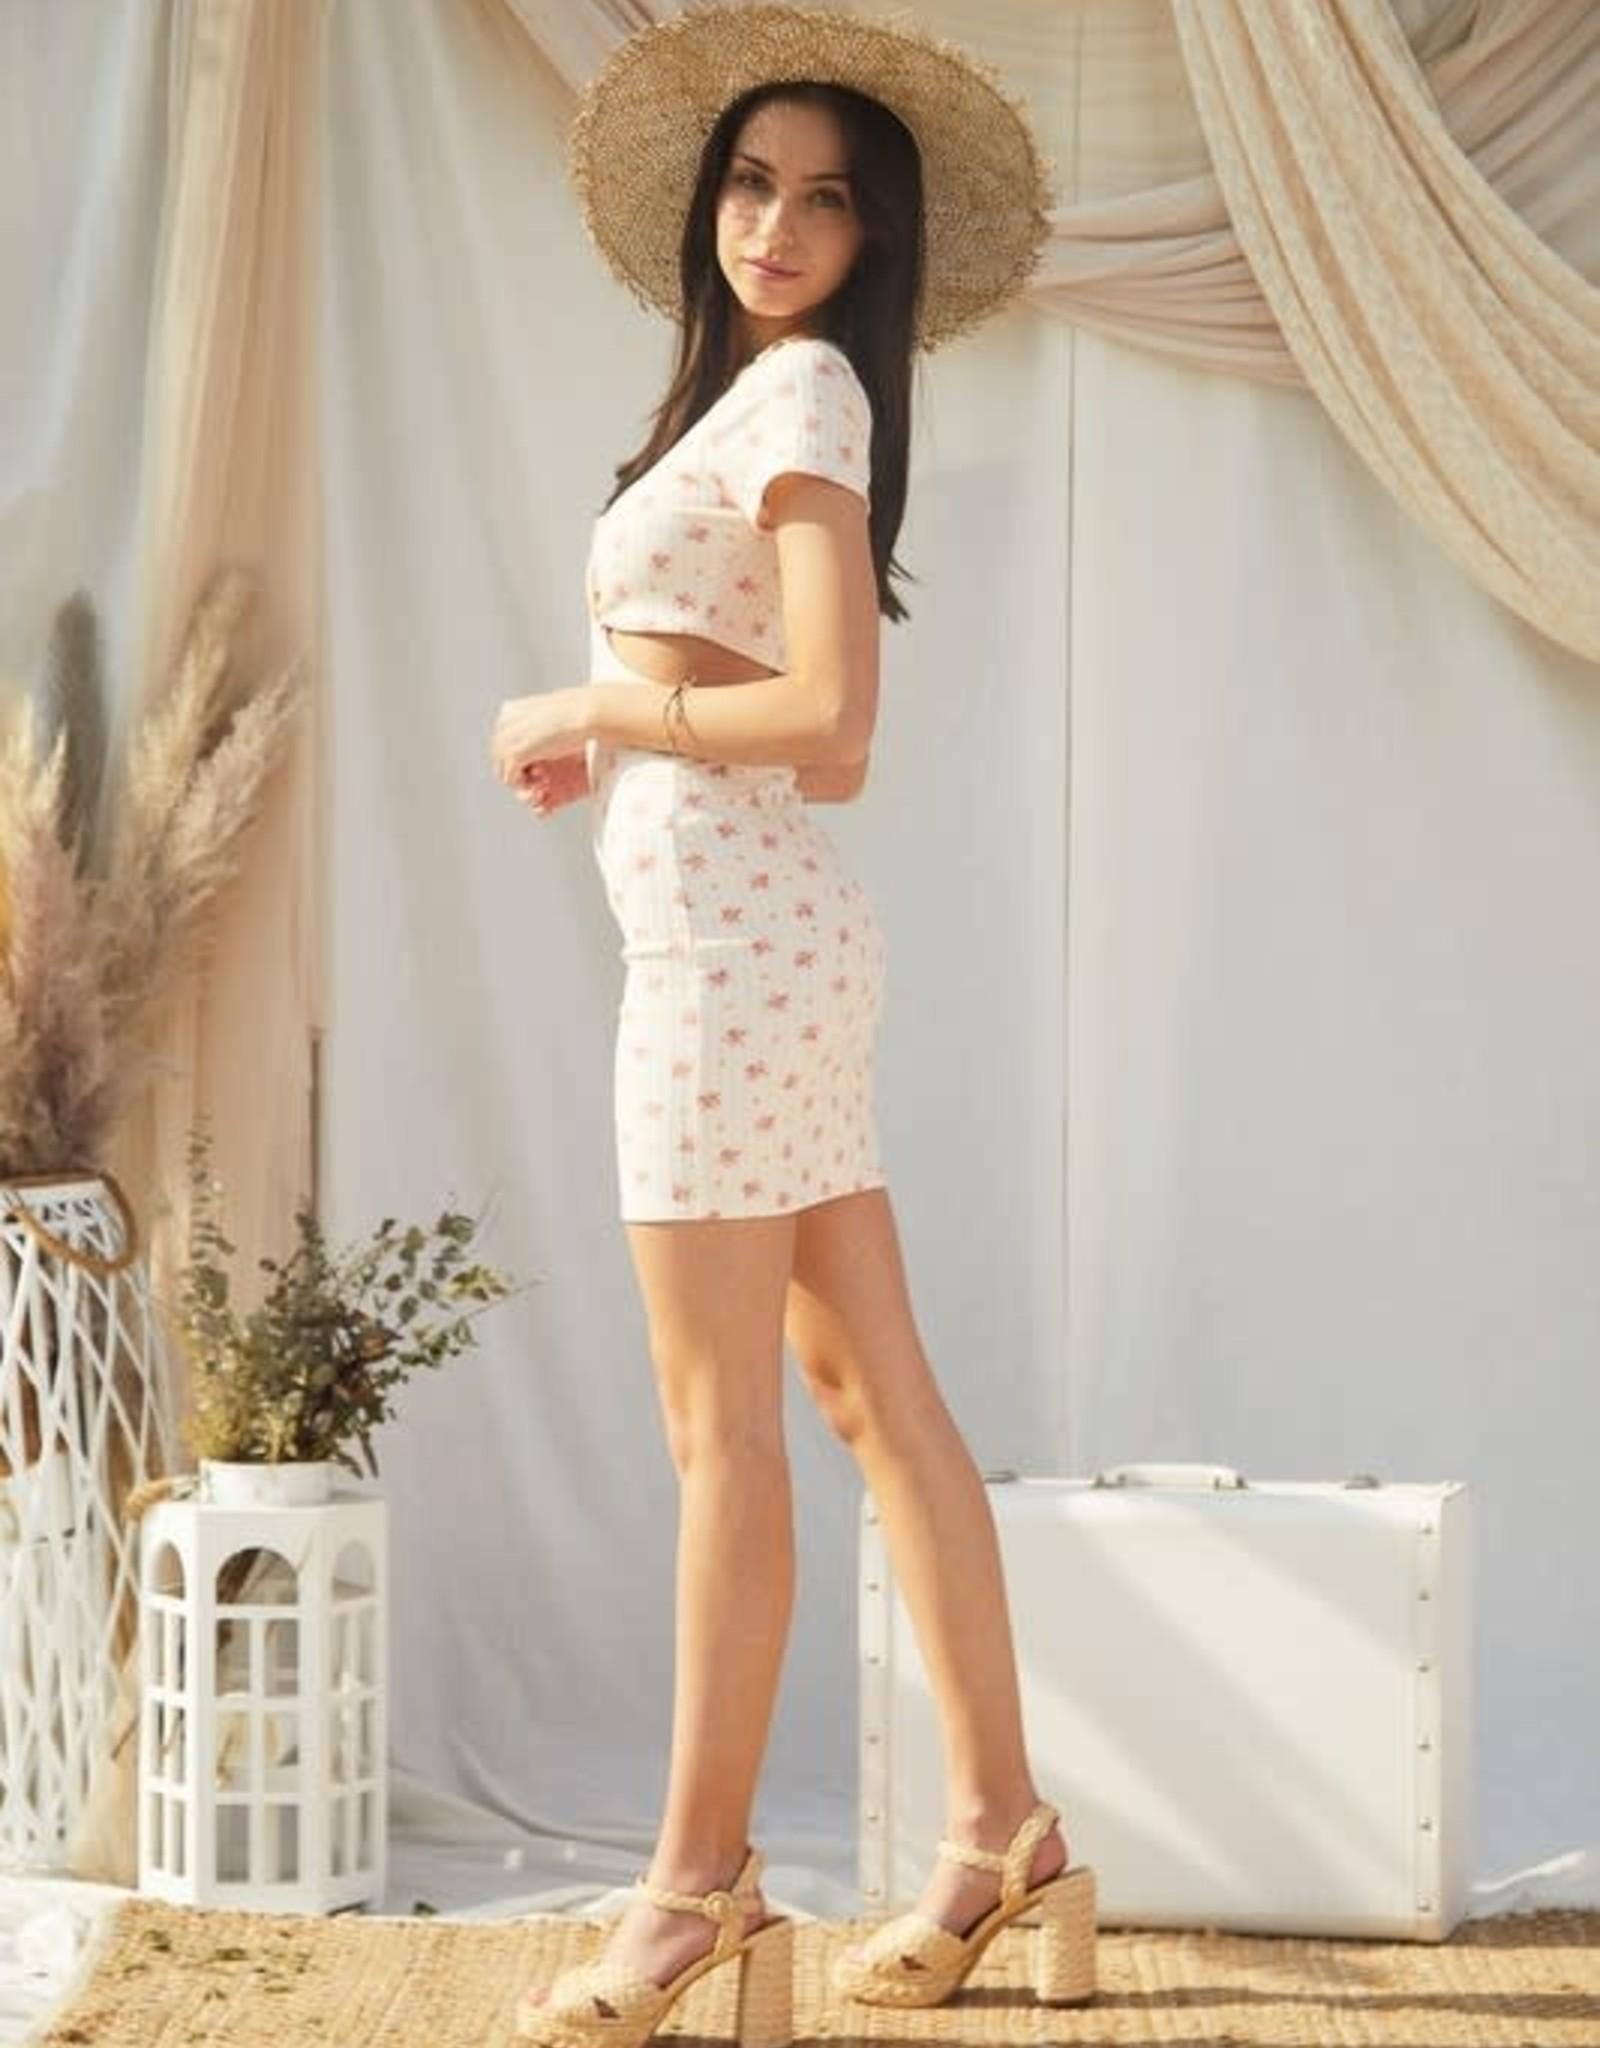 Sharlise Dress